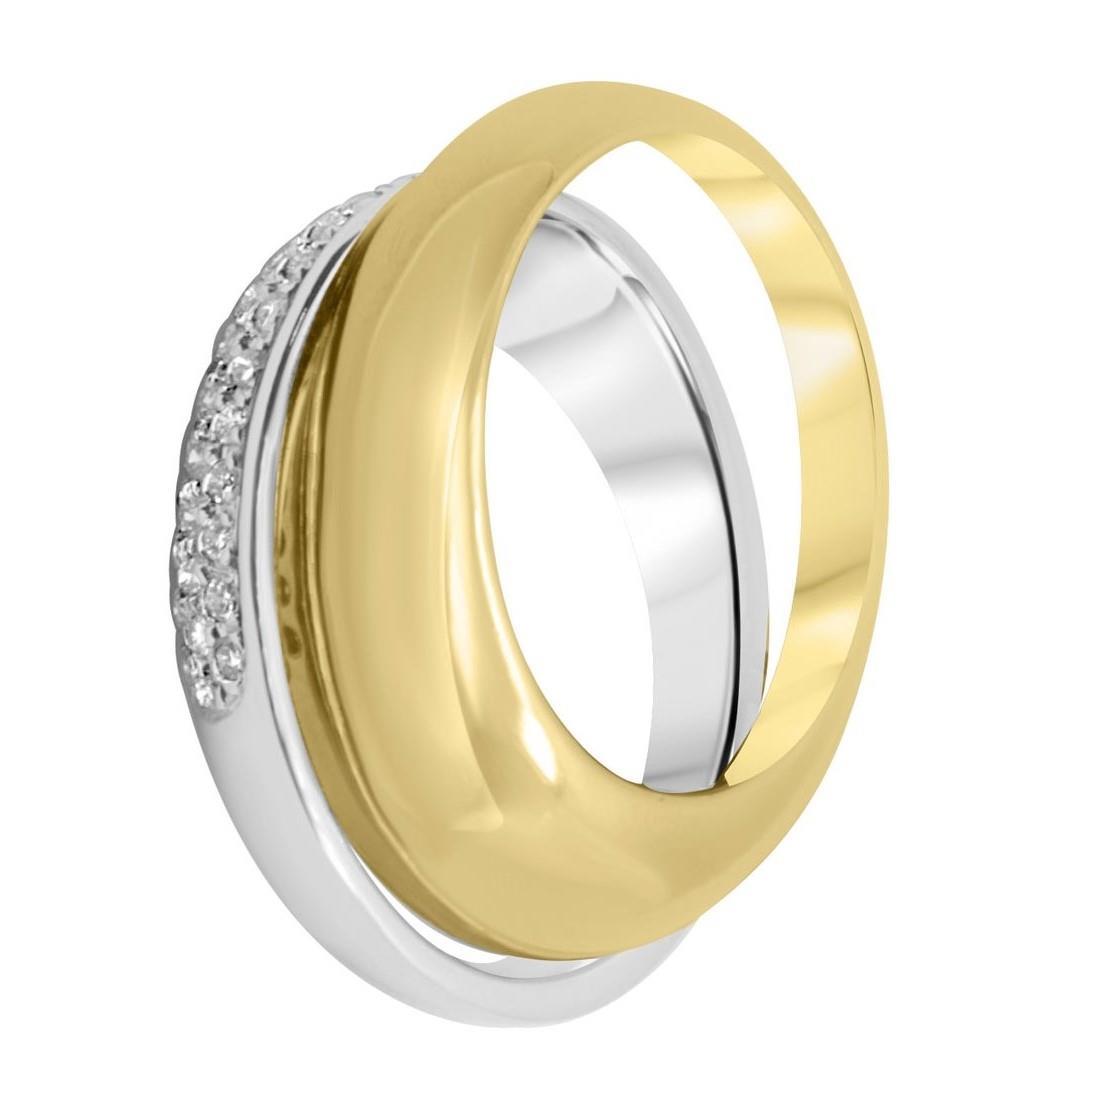 Anello Alfieri & St Joh in oro con diamanti ct 0,30 mis 14 - ALFIERI ST JOHN